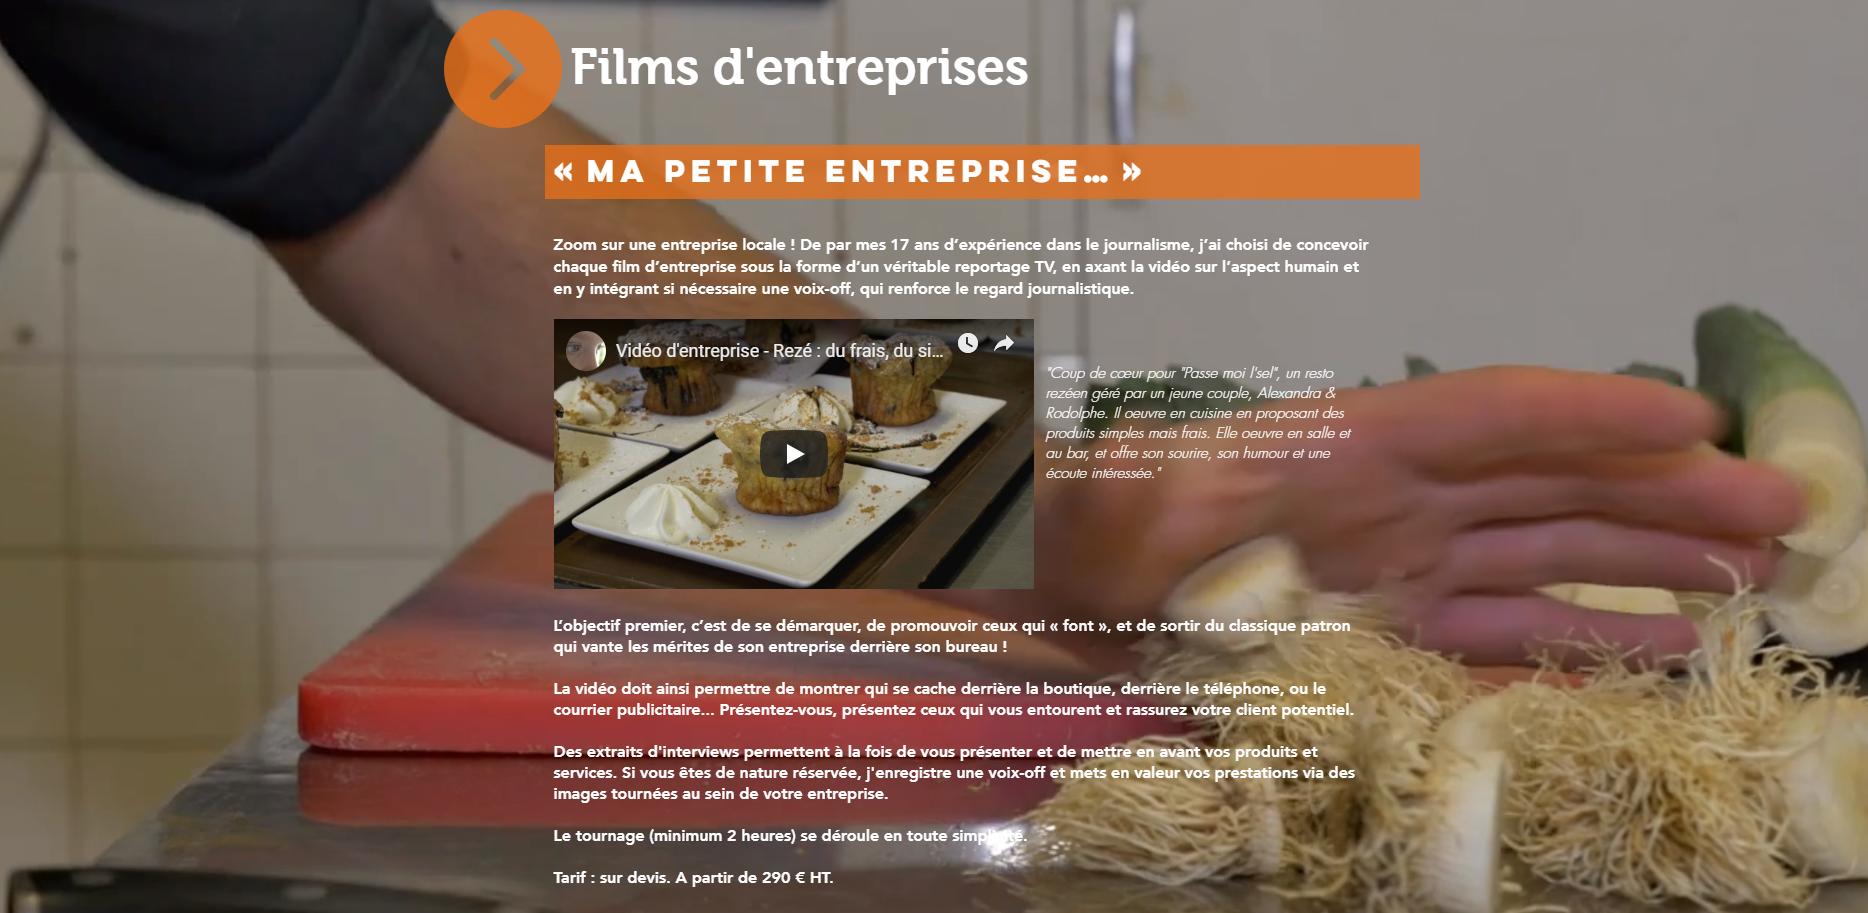 Video Entreprise Loire Atlantique Camani Films